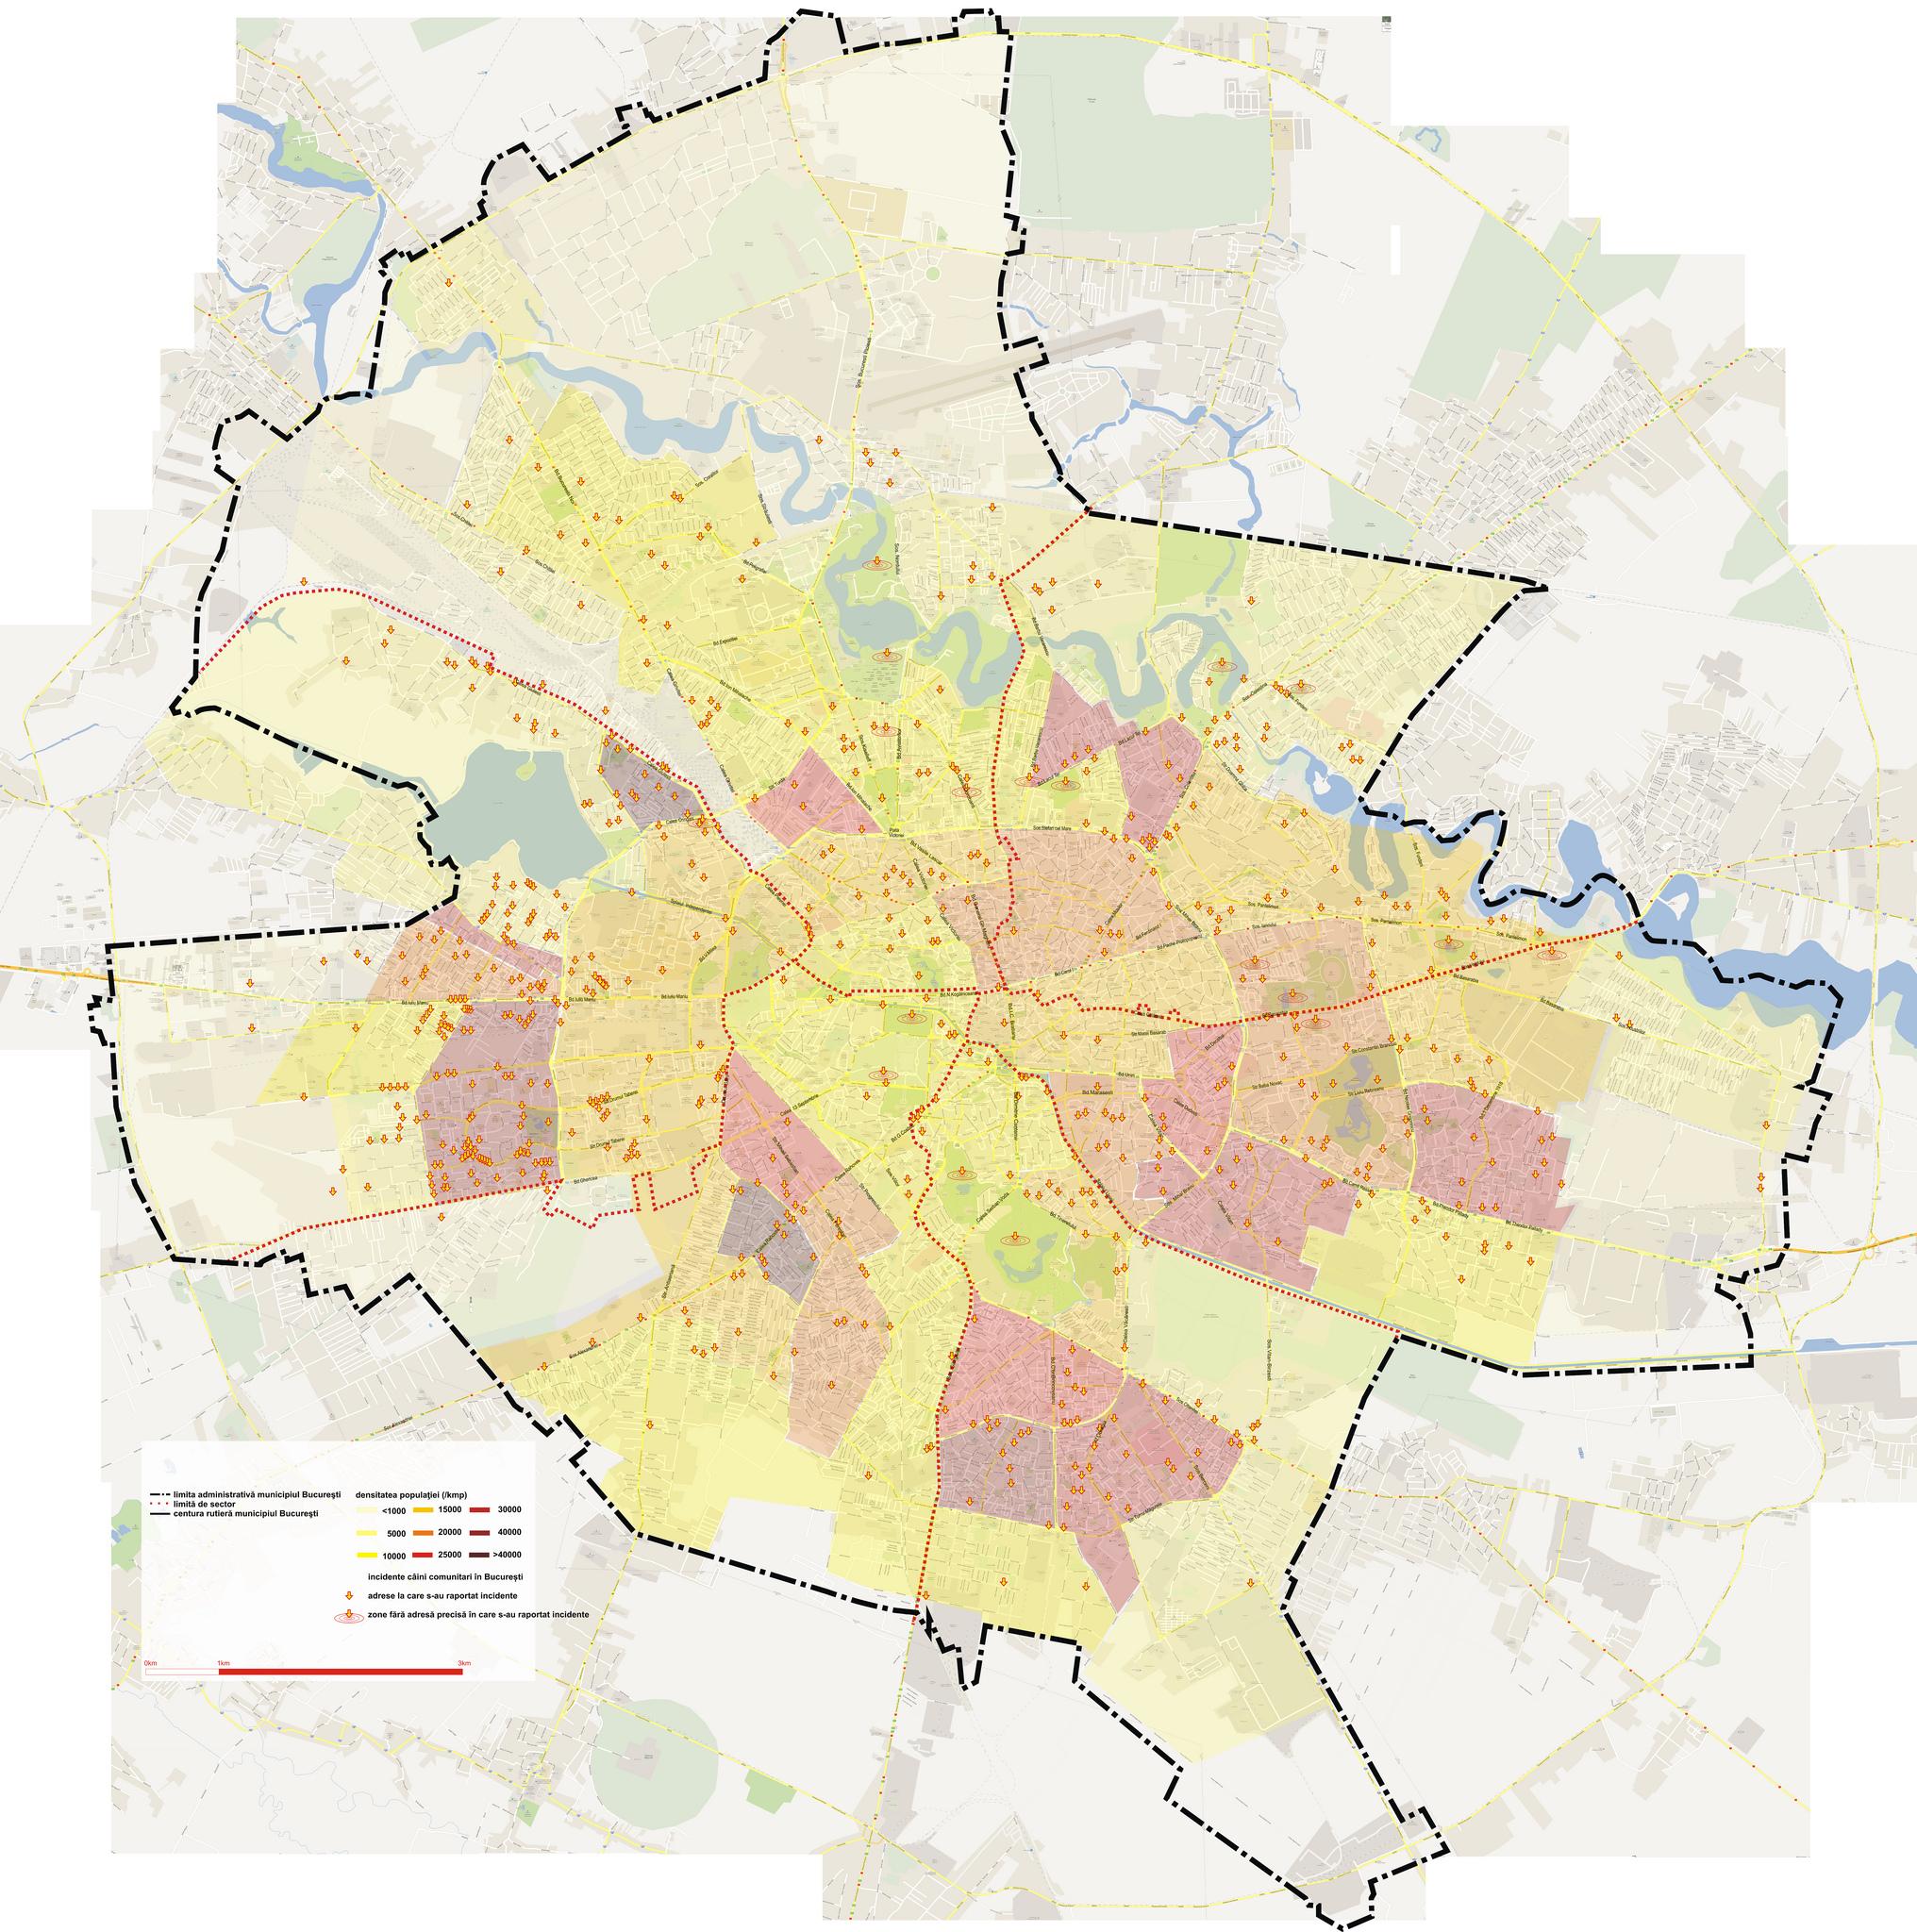 Harta Maidanezilor Din București și Zonele Cele Mai Periculoase